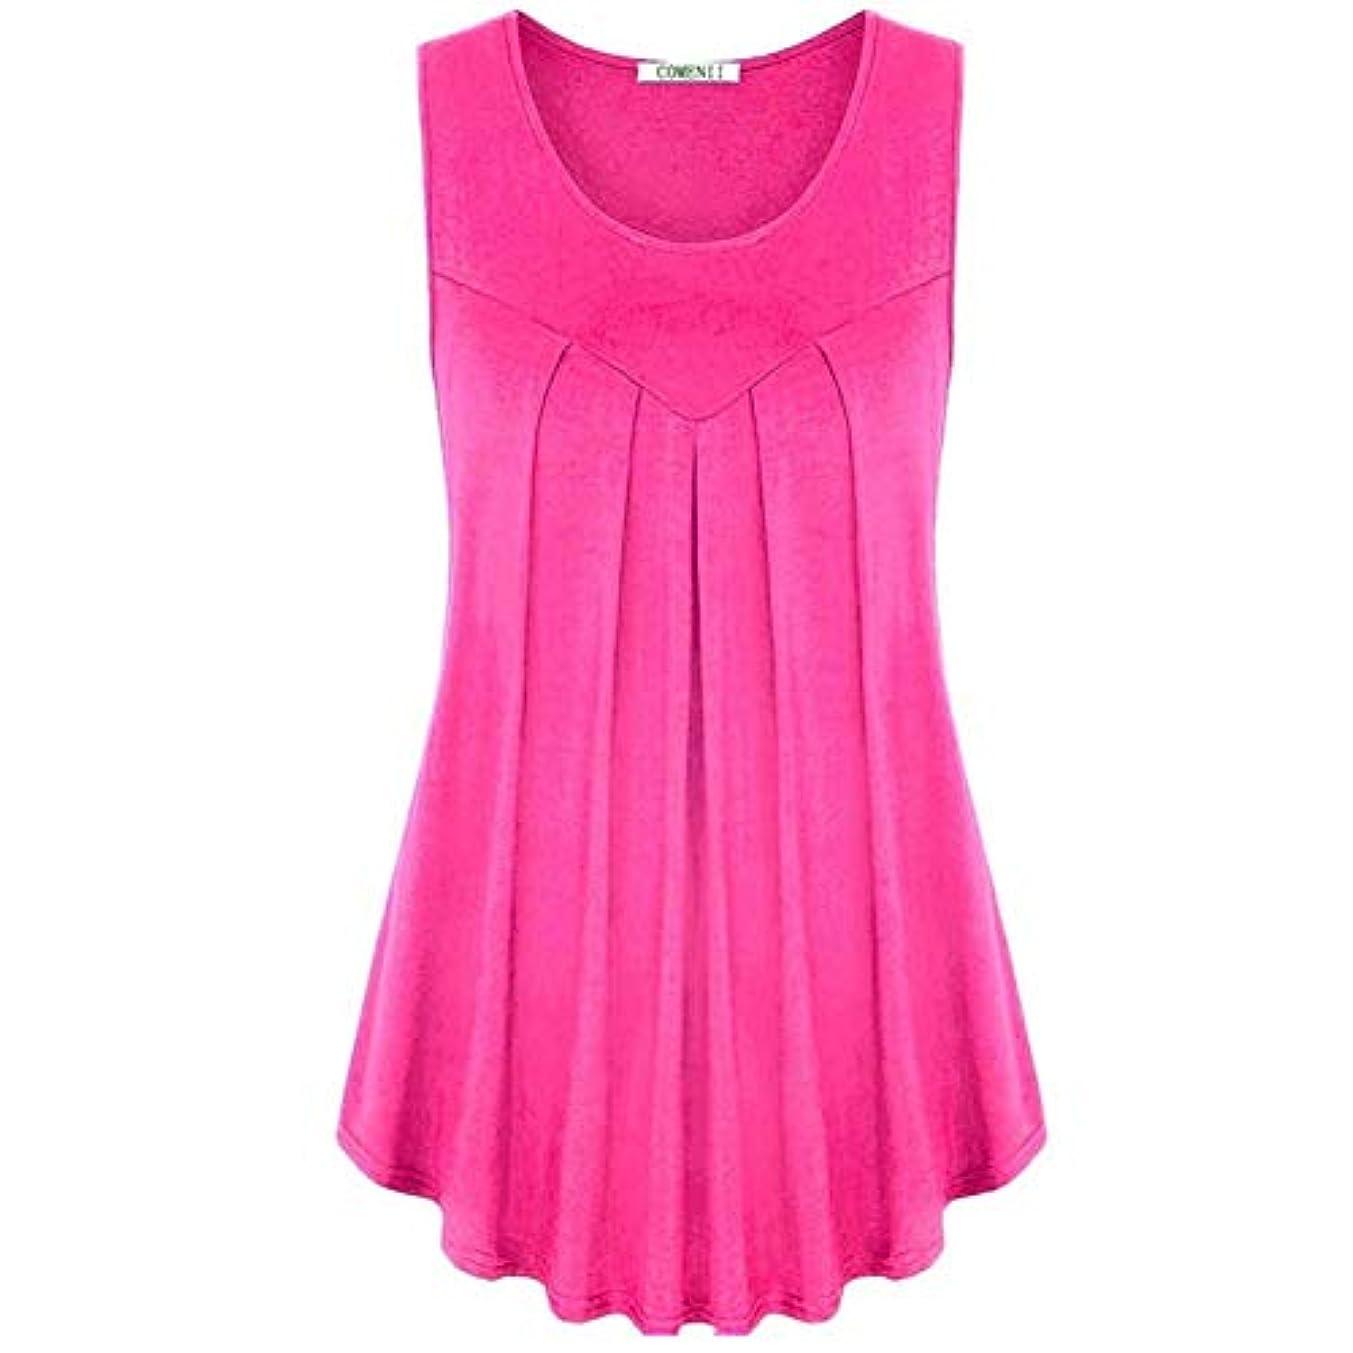 コショウ販売員凍るMIFAN の女性のドレスカジュアルな不規則なドレスルースサマービーチTシャツドレス